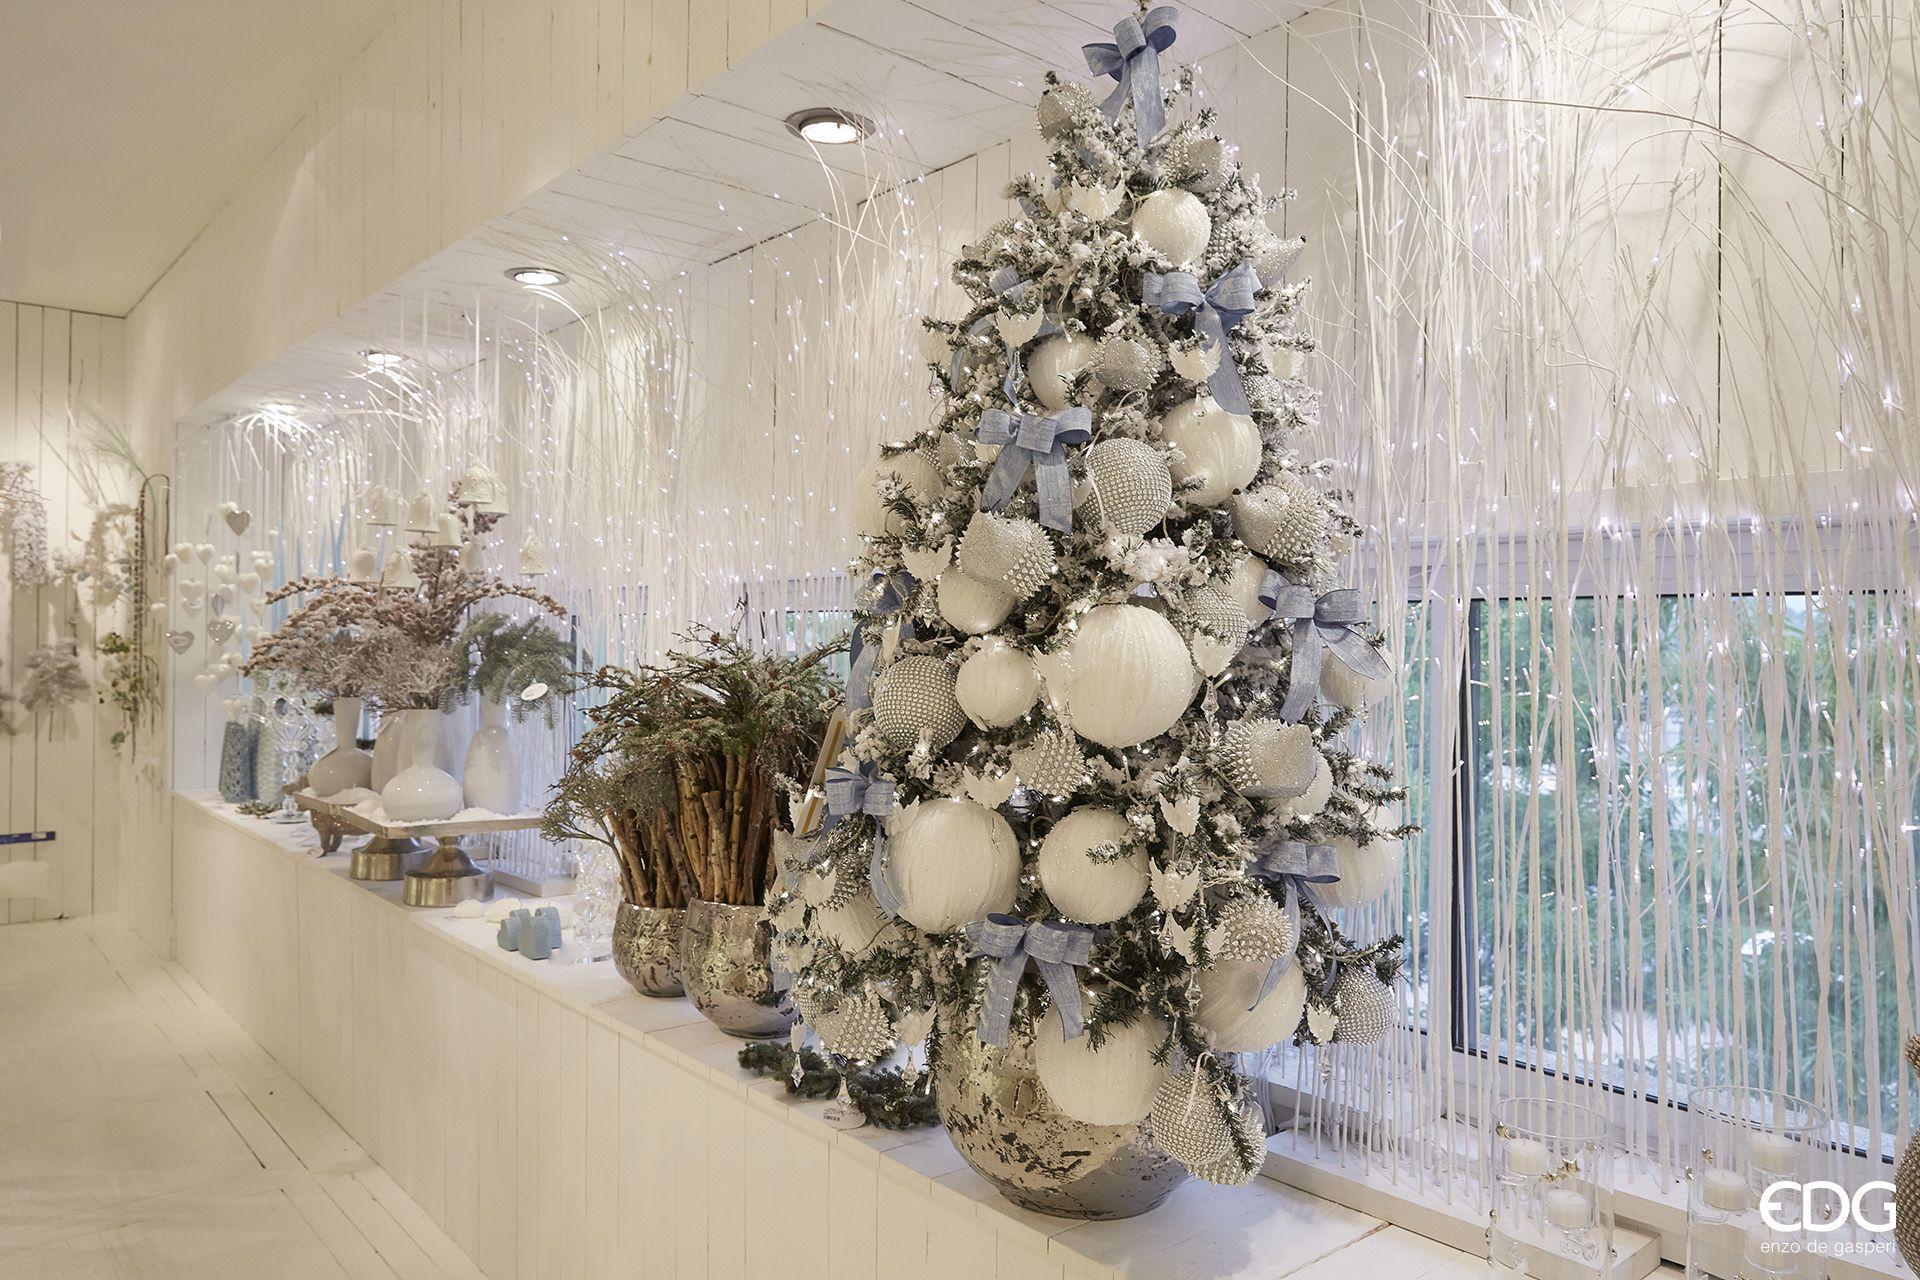 Decorazioni Natalizie Edg Natale 2020.Edg Enzo De Gasperi Alberi Di Natale Natale